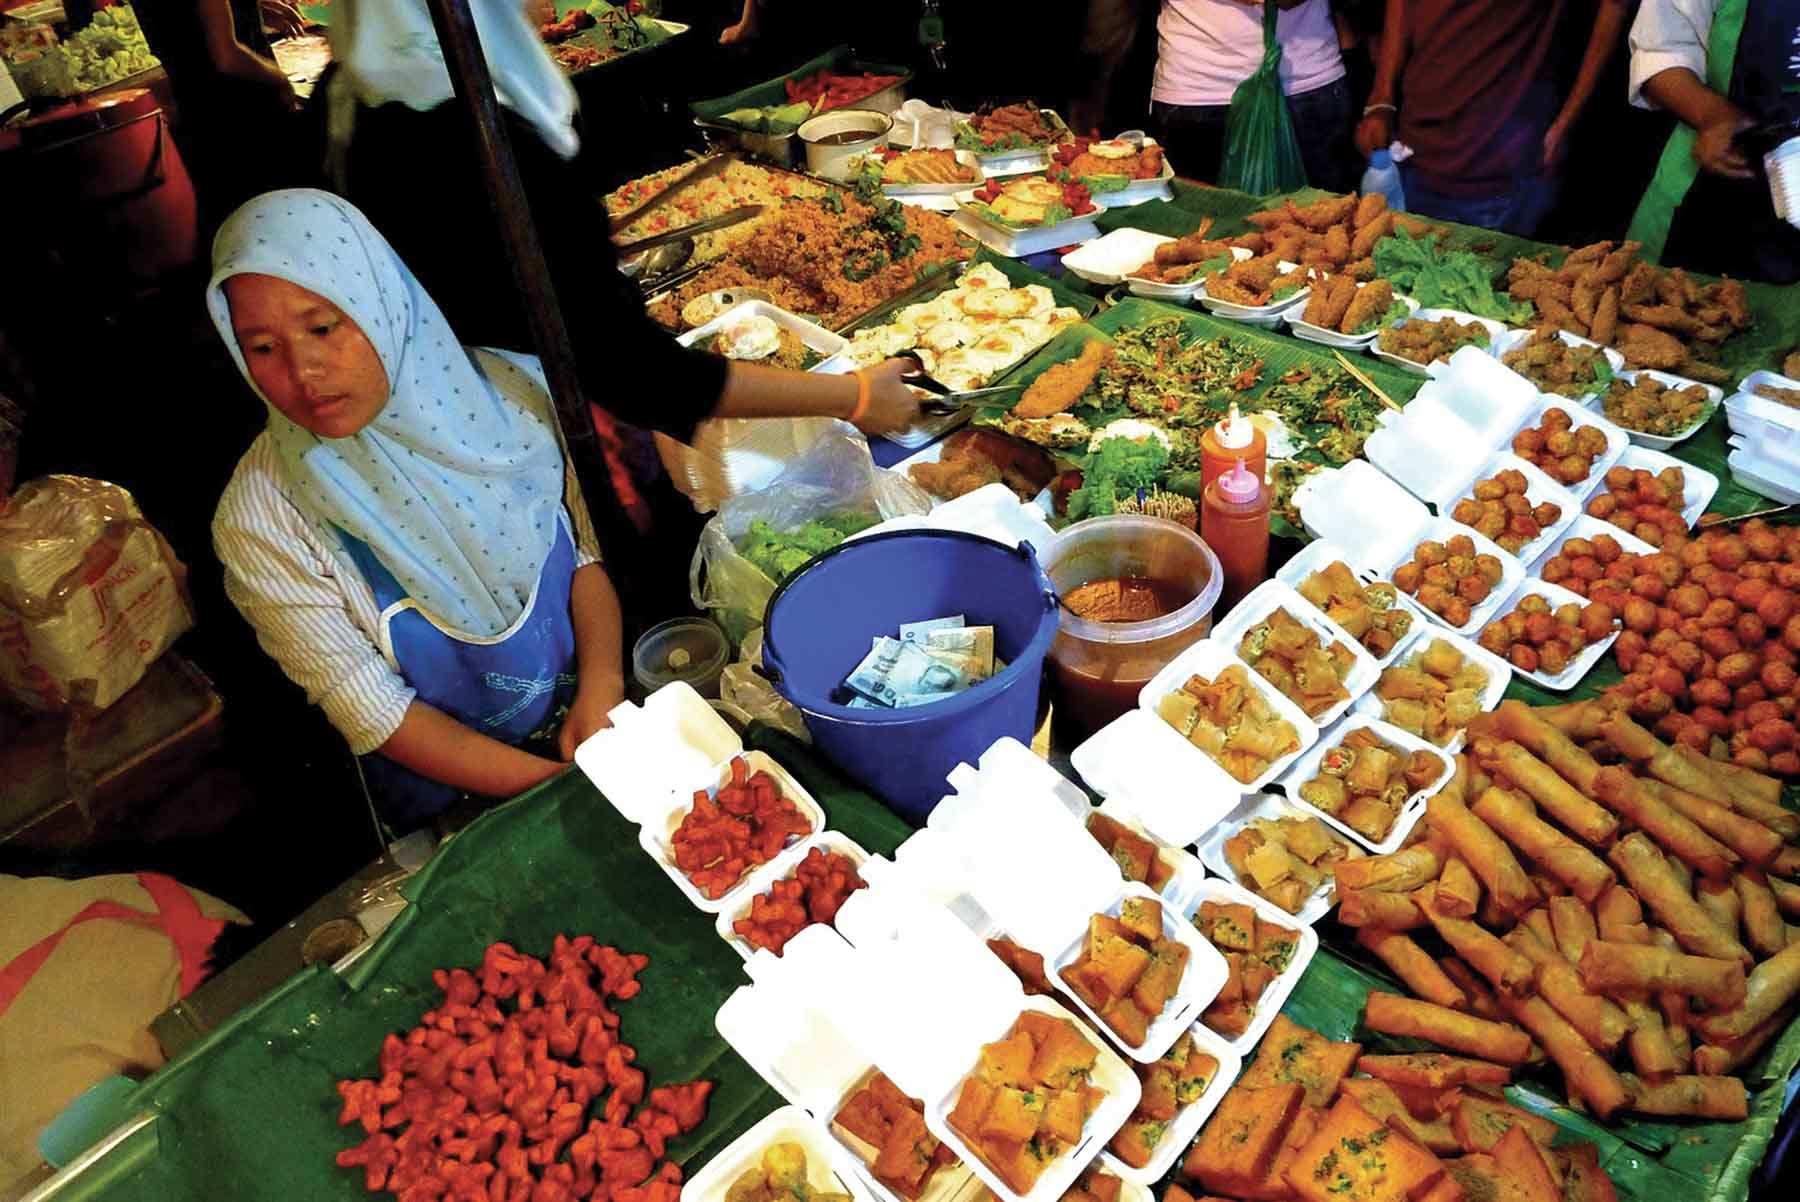 Halal Vendor